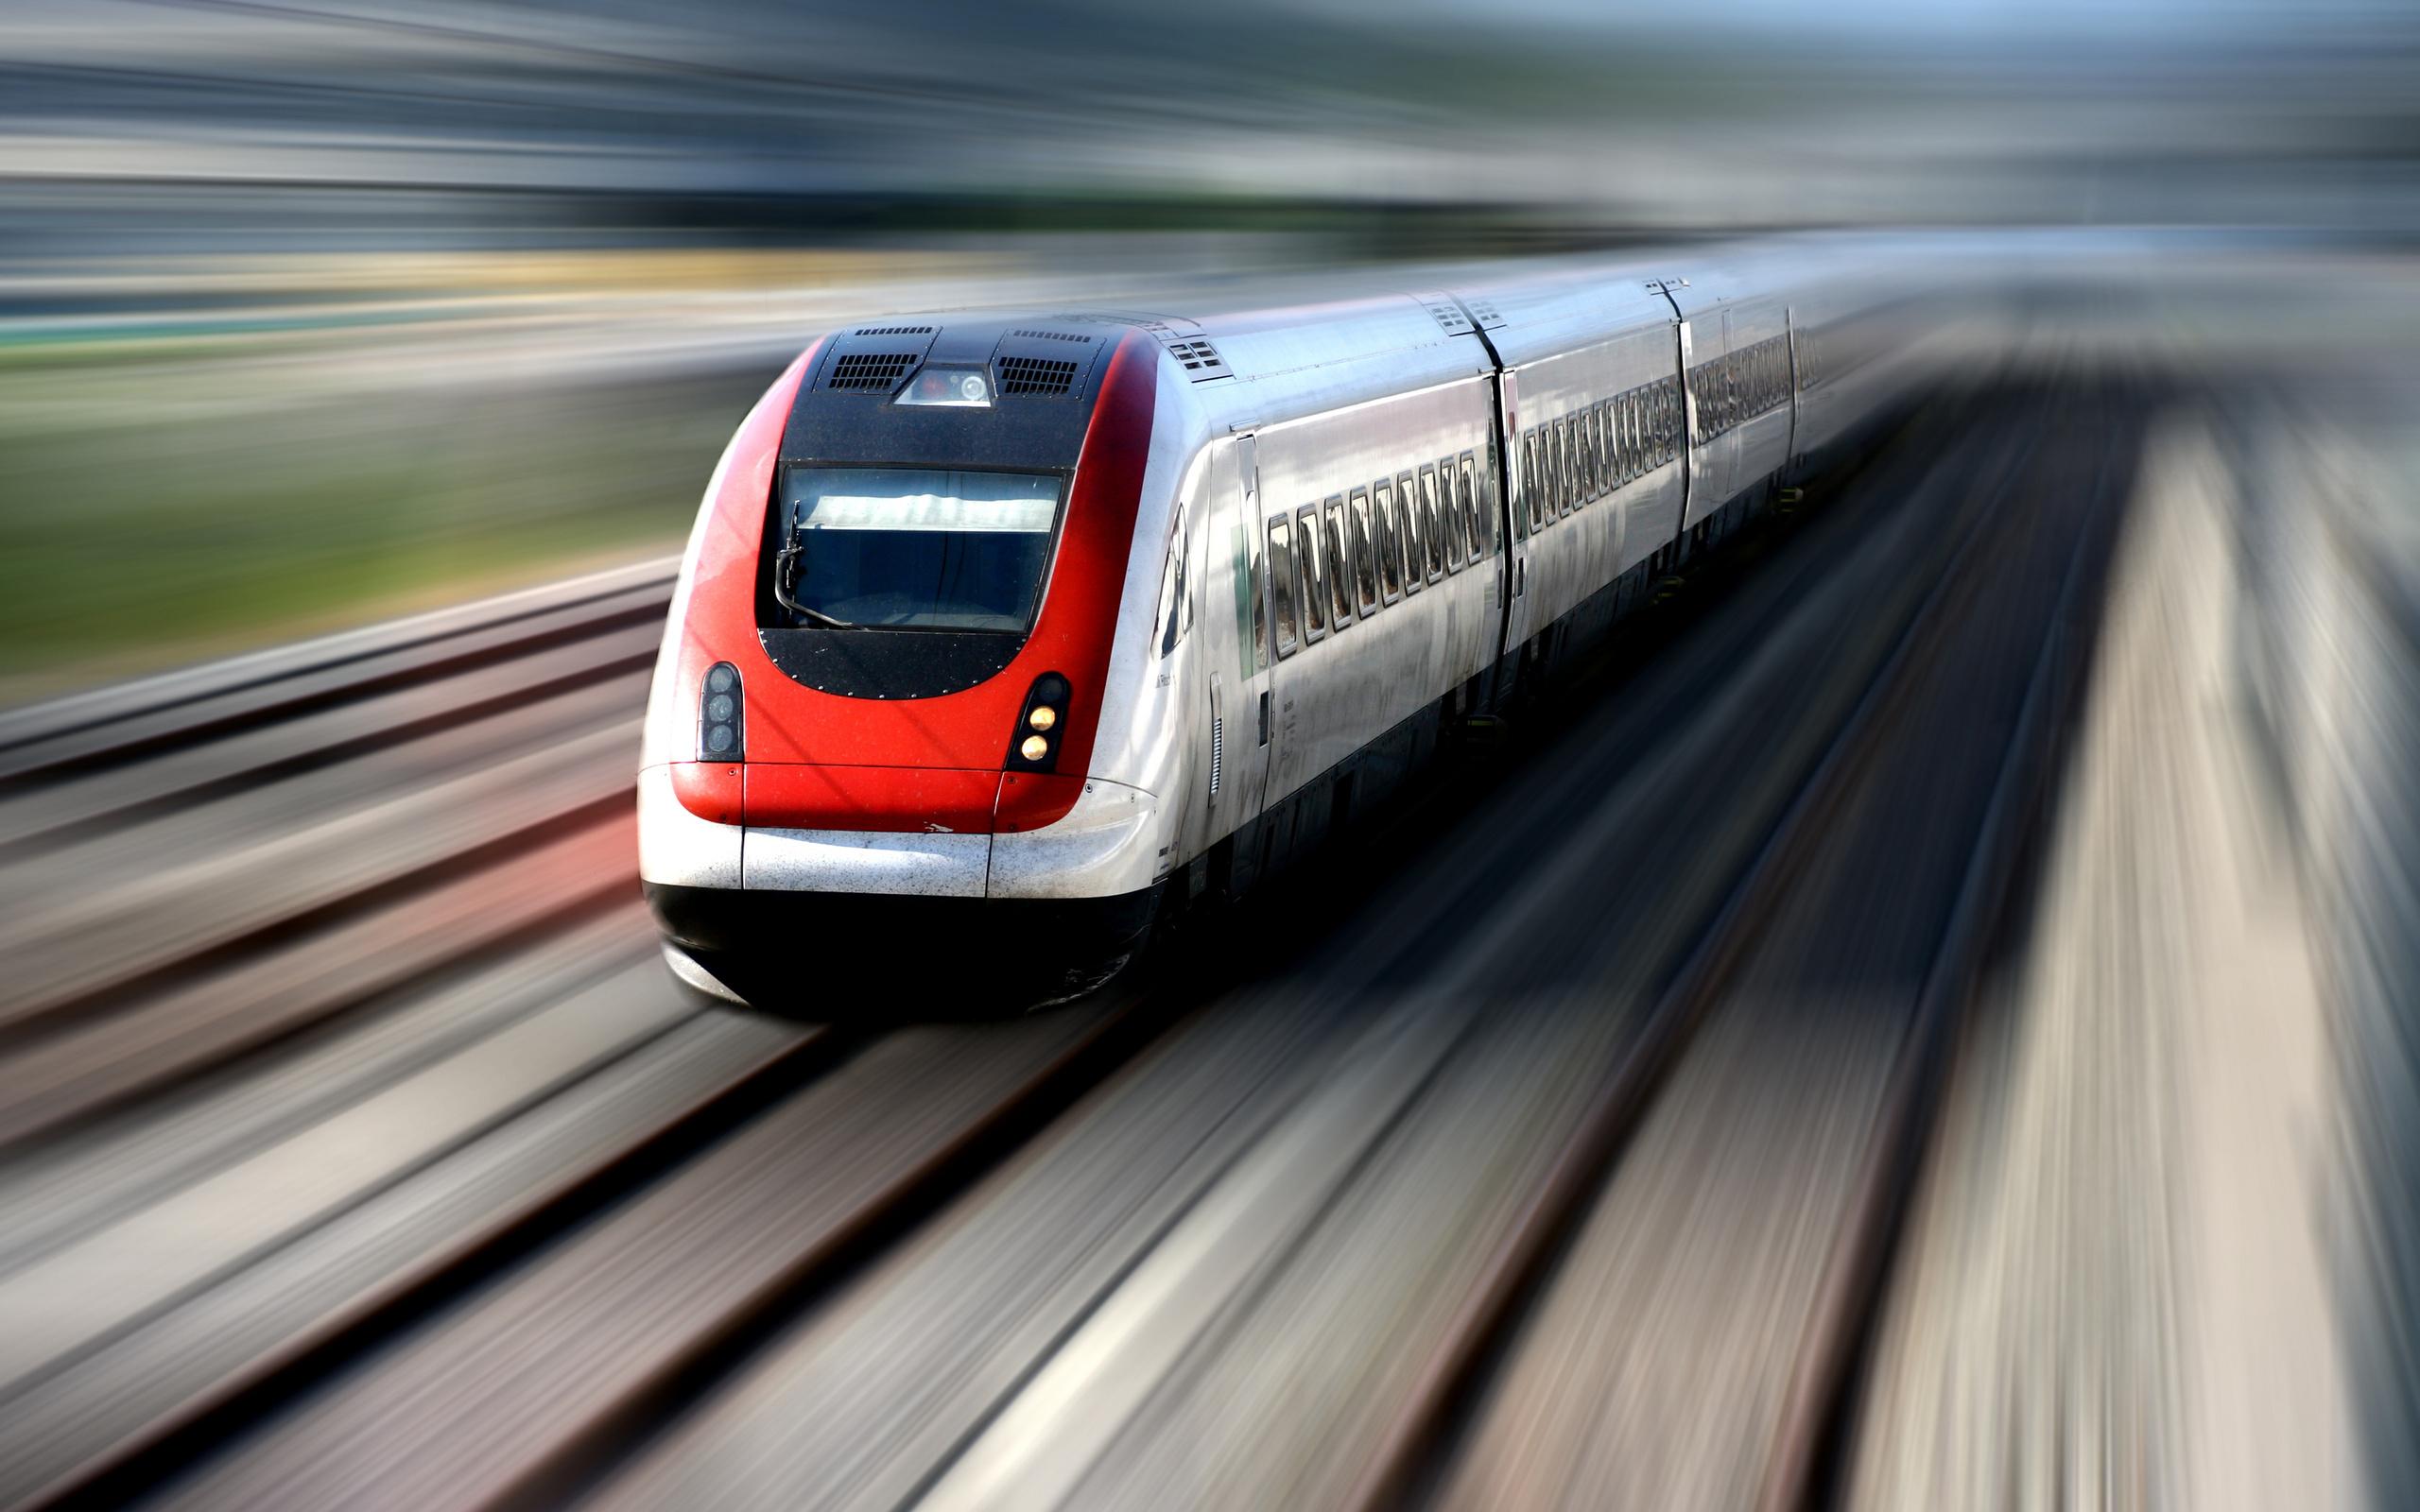 له شدن نوجوان 14 ساله زیر قطار